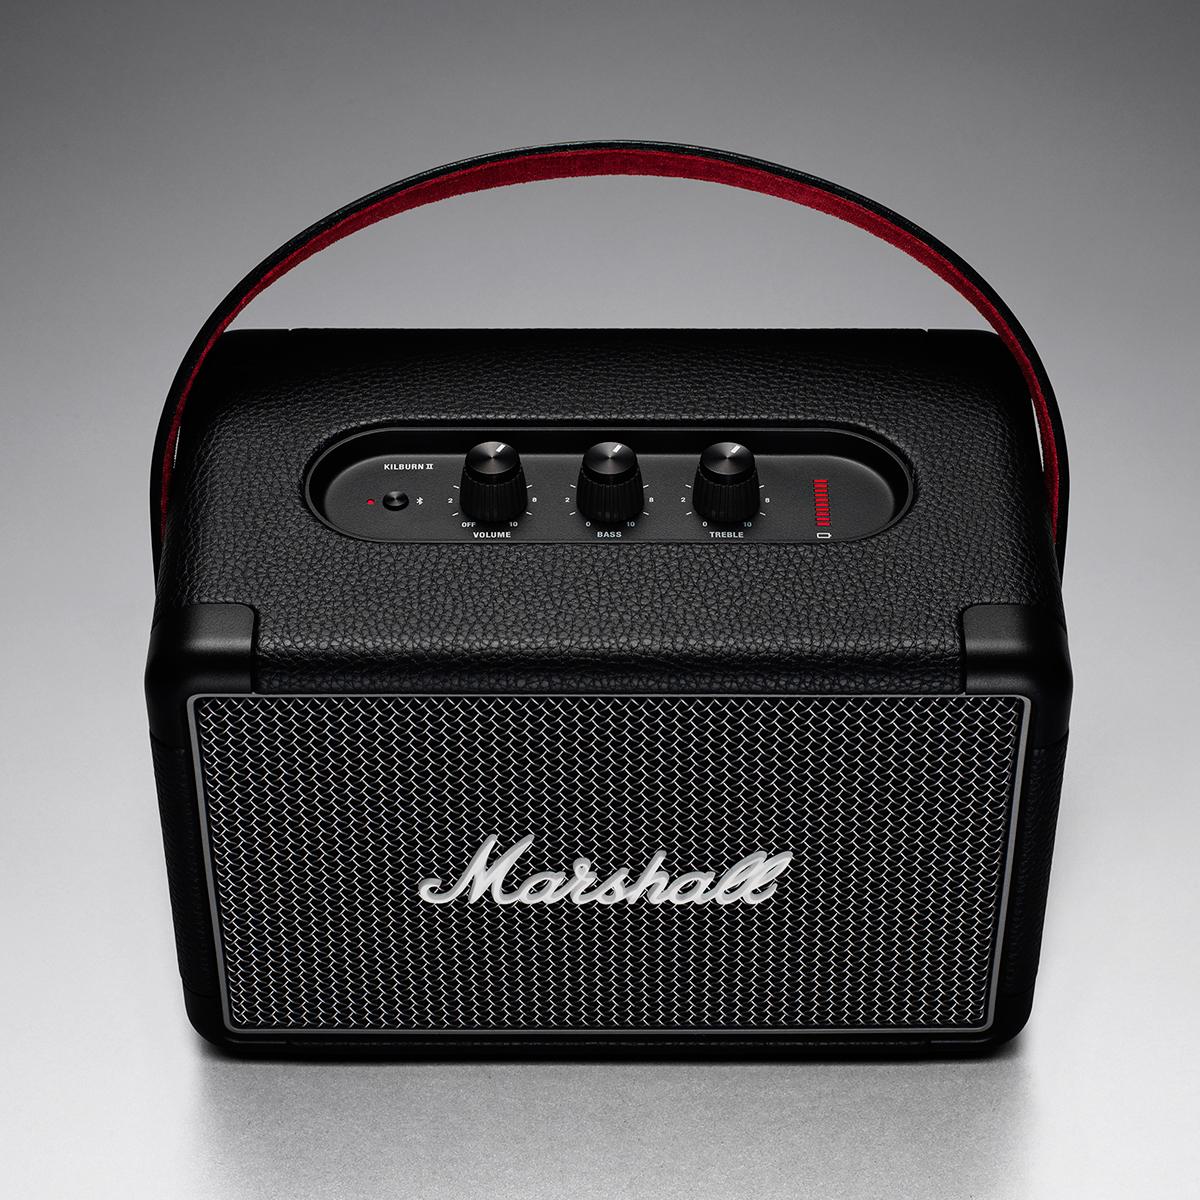 最新技術のBluetooth 5.0、apt-X技術を採用。ヴィンテージ感溢れる見た目から、迫力の音!Bluetooth2台接続でスムーズに音楽が楽しめるワイヤレススピーカー|Marshall Kilburn Ⅱ